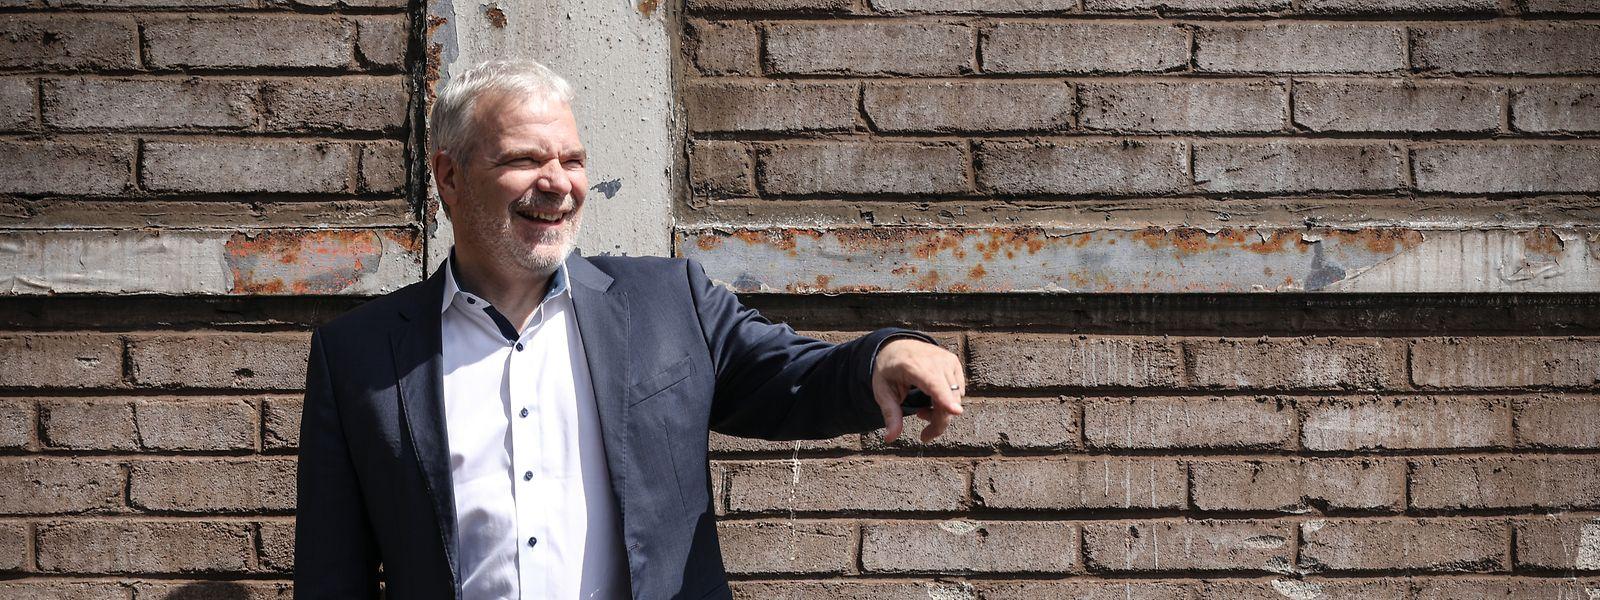 Beschäftigungsminister Dan Kersch vor dem alten Hochofen in Belval. Die ersten Erfahrungen mit der Welt der Politik machte er als Jugendlicher, als das Stahlwerk Terres Rouges in der 70er-Jahren schließen musste.